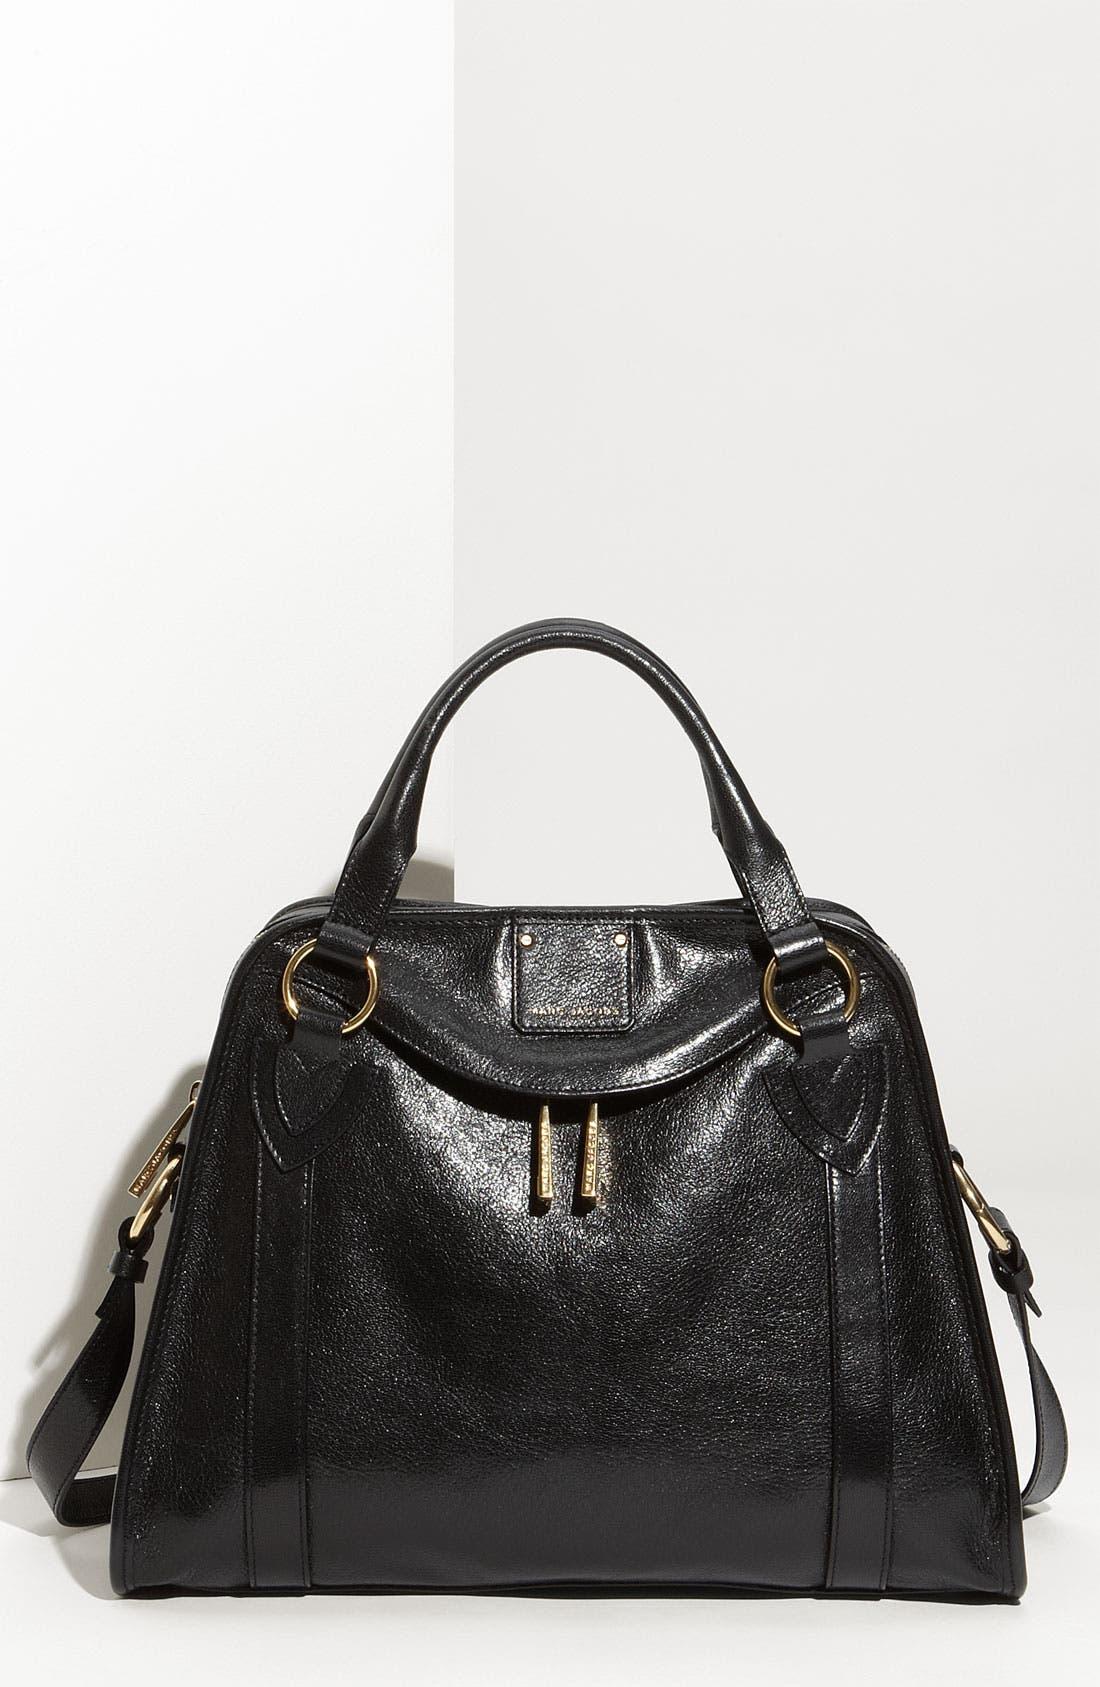 MARC JACOBS 'Classic Wellington' Leather Satchel, Main, color, 001